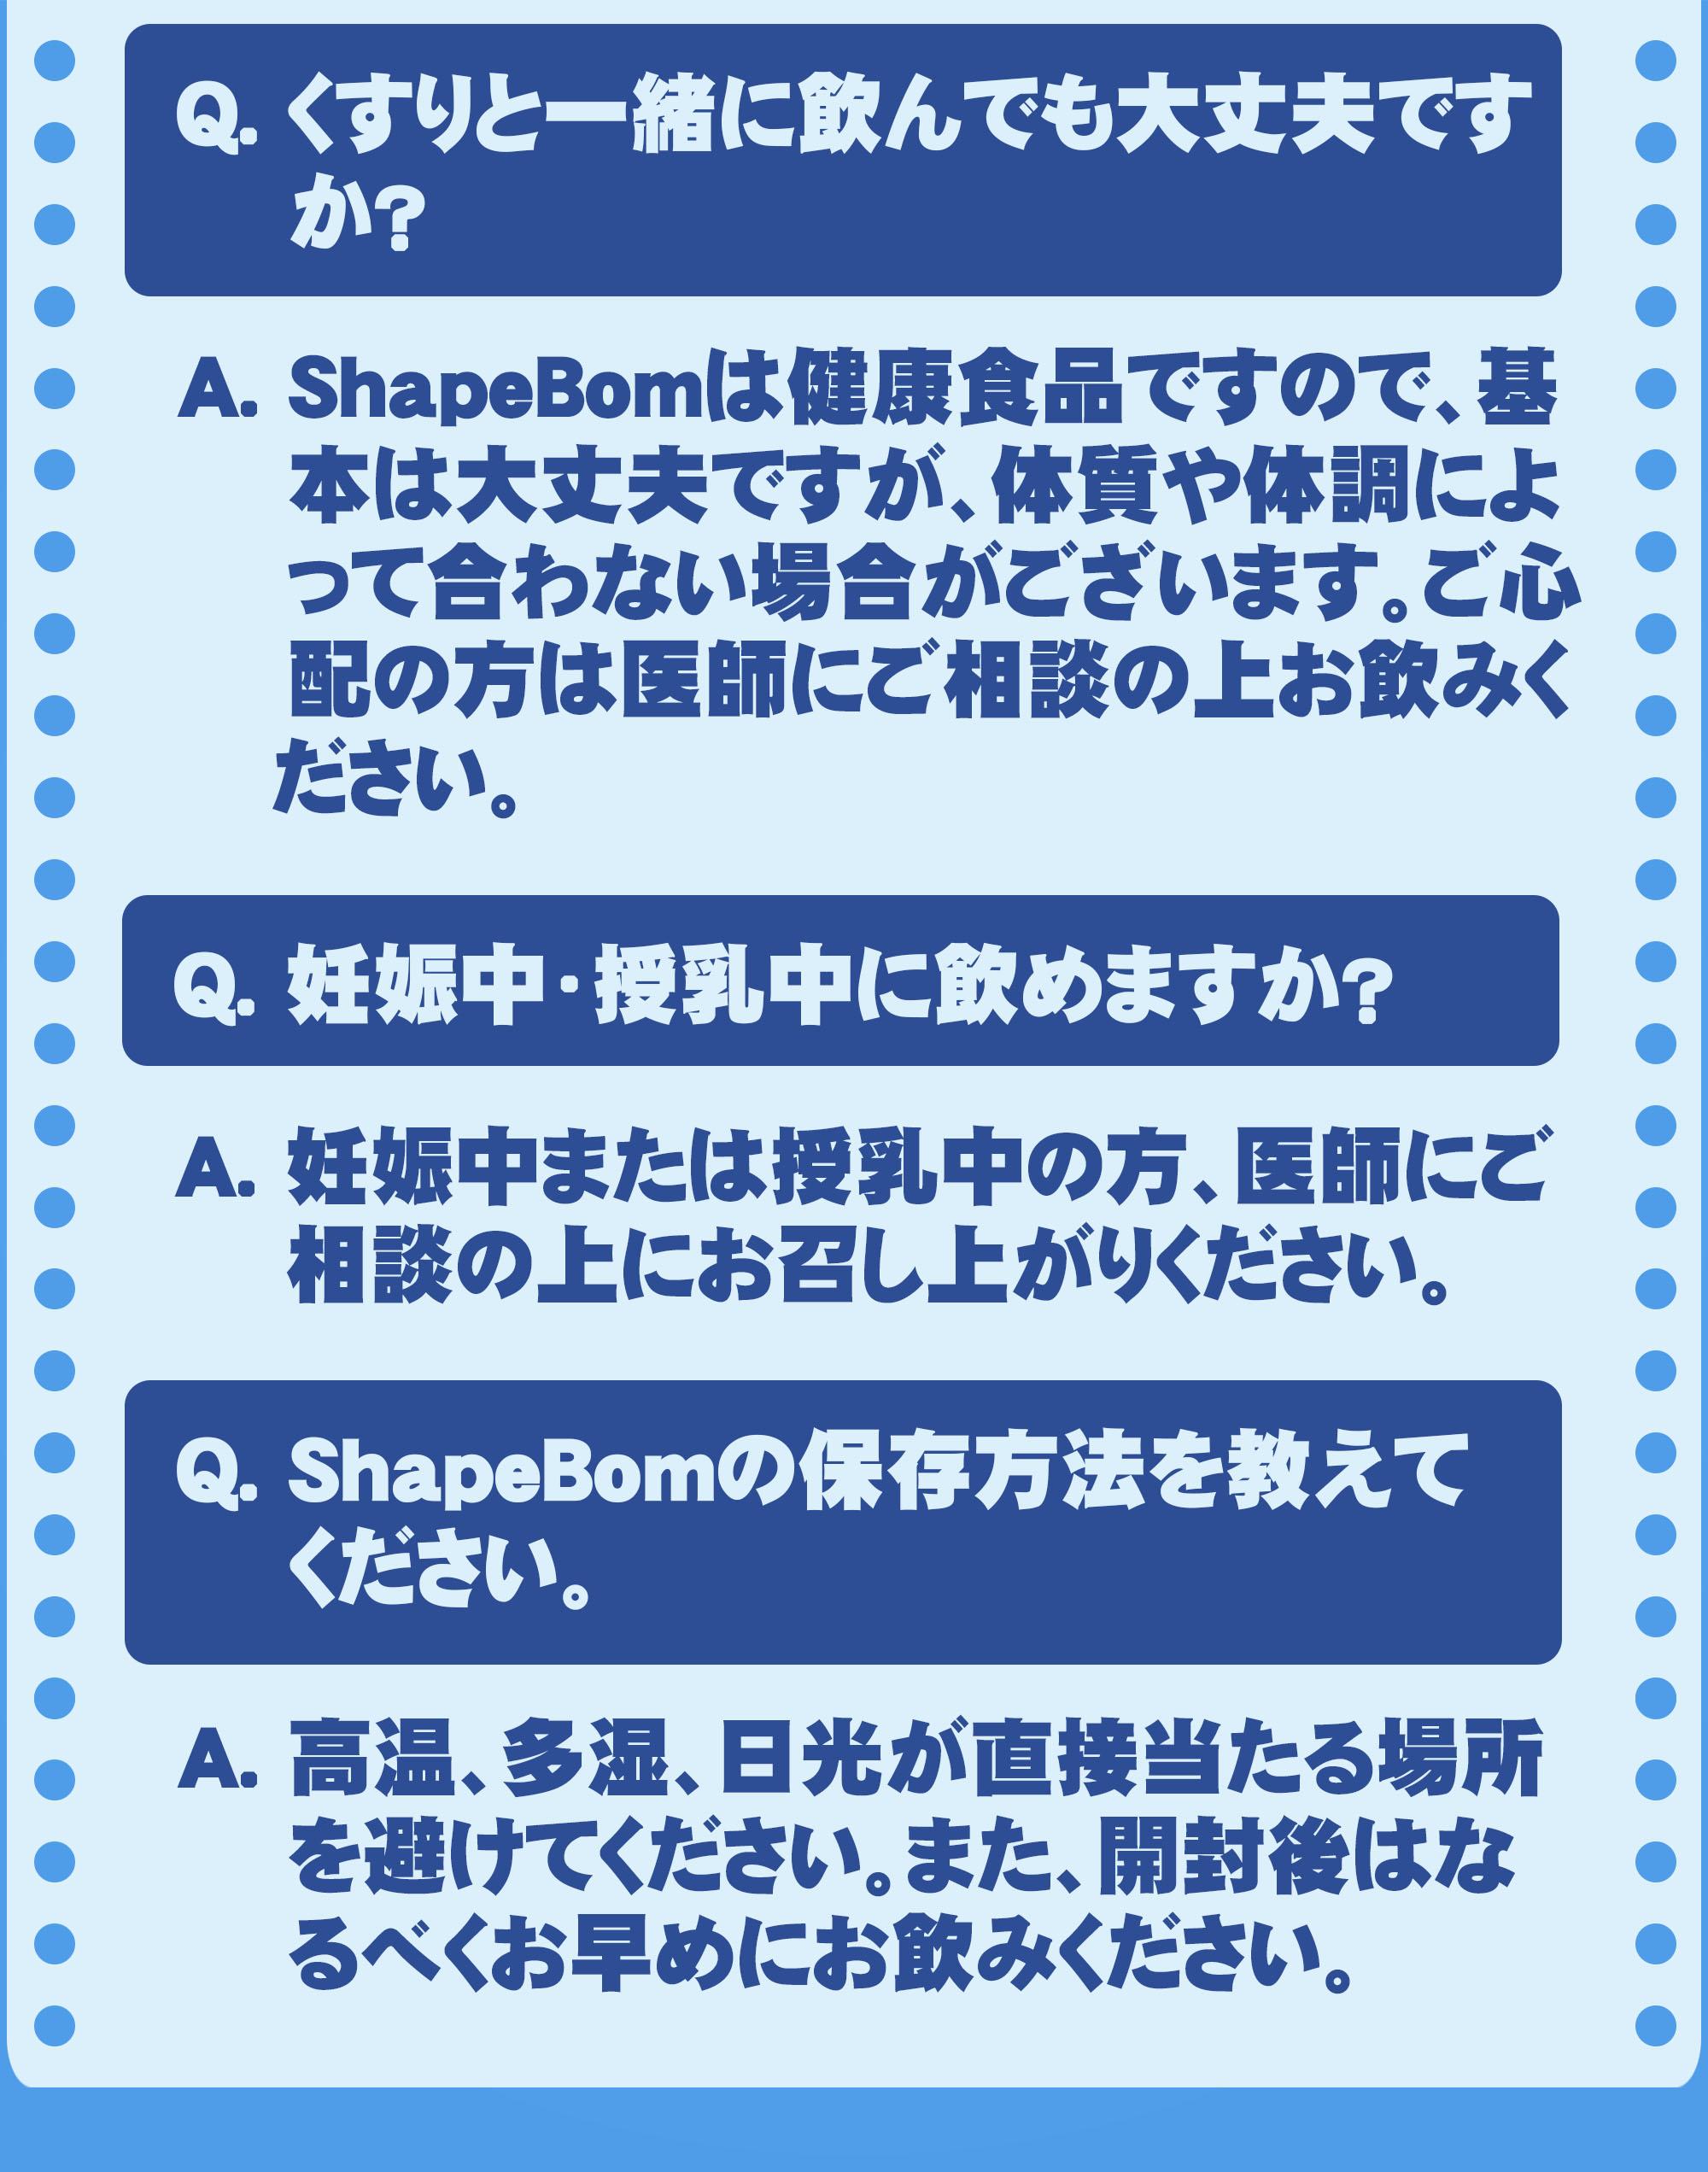 シェイプボムよくある質問2